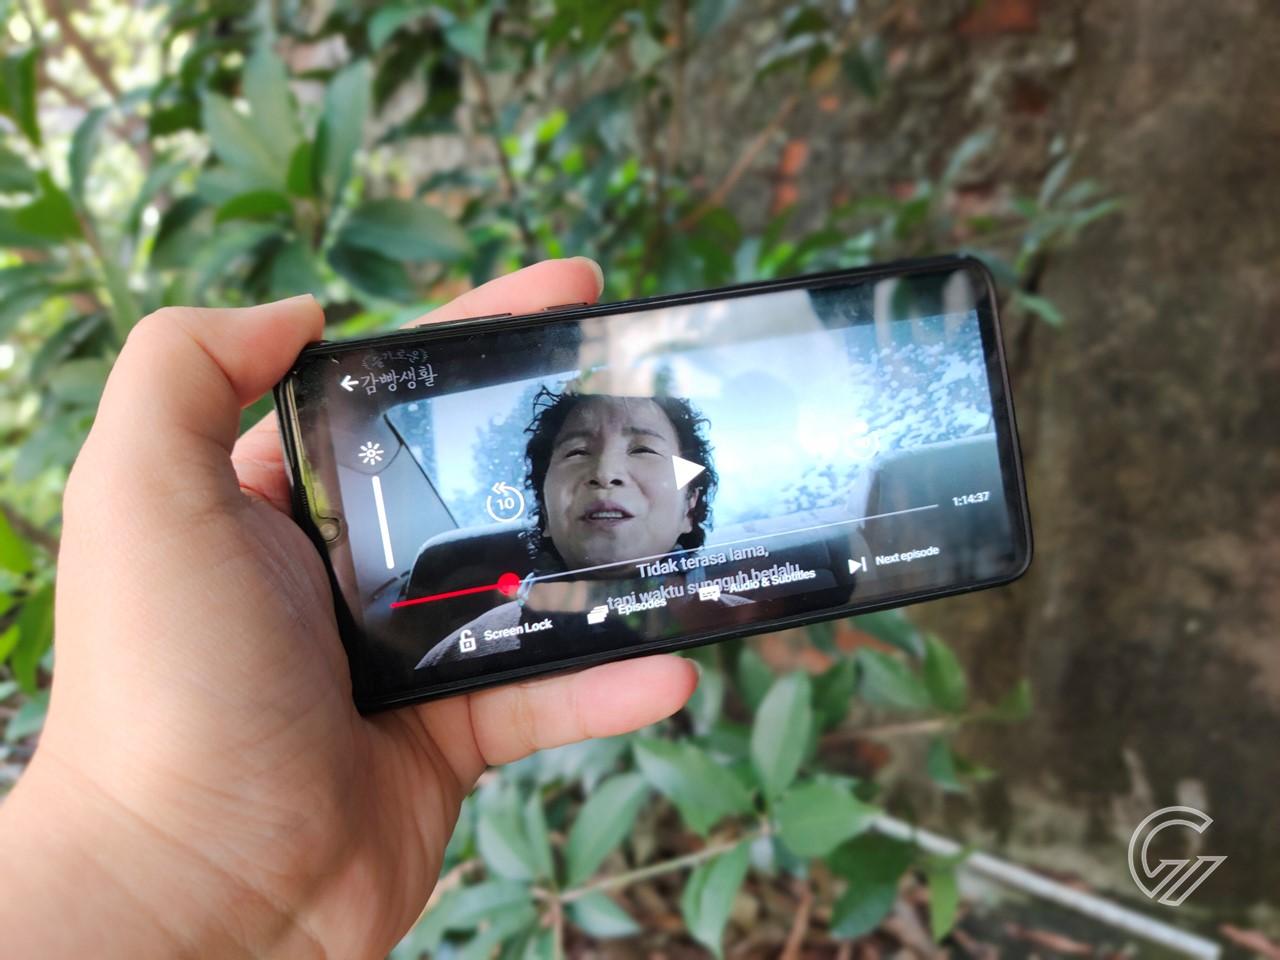 Cara Memasukkan Subtitle ke Video di OPPO